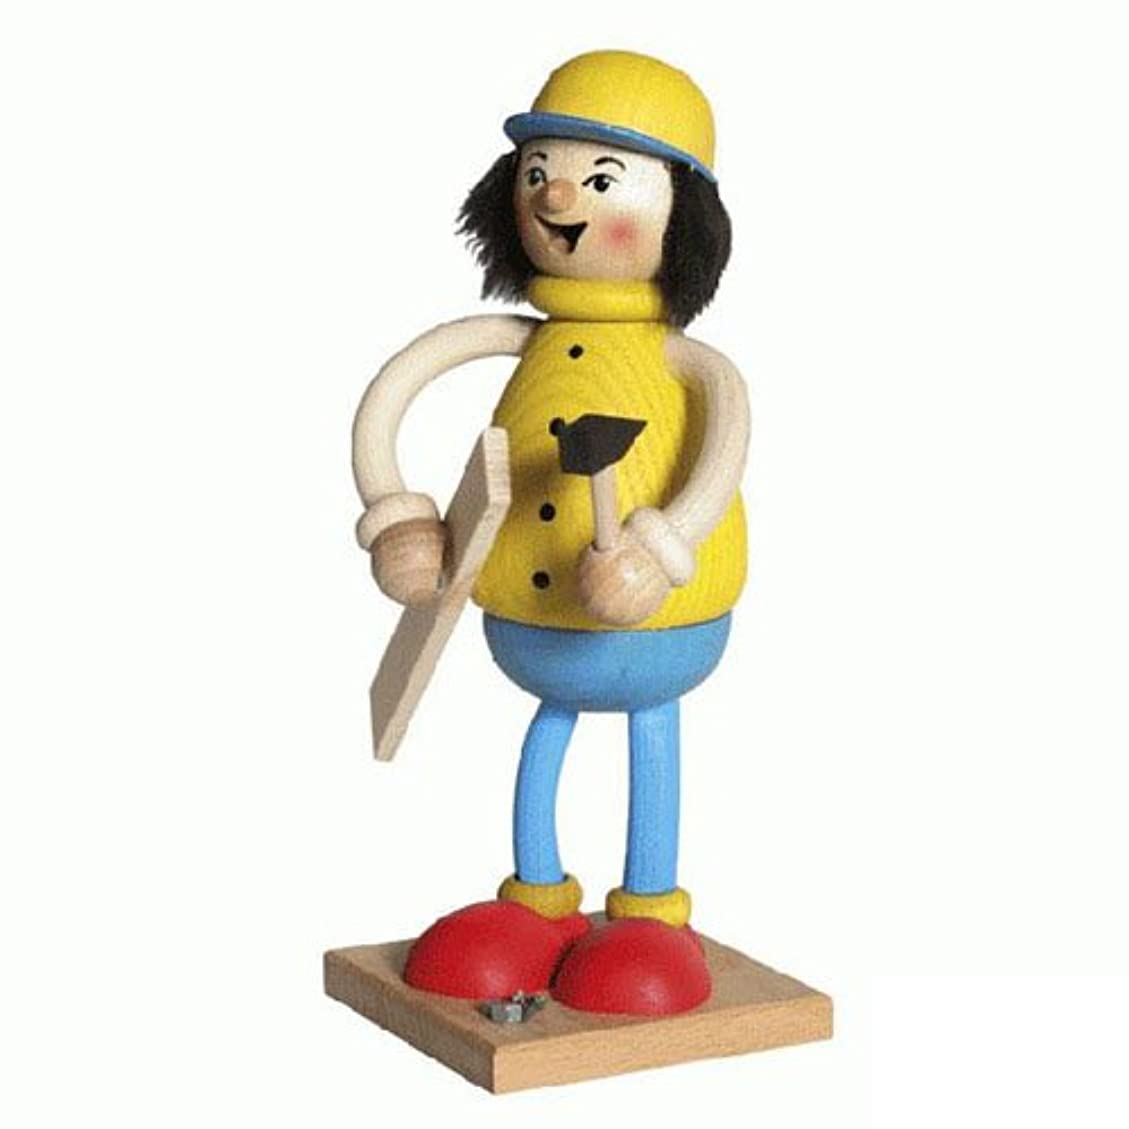 夜明けリーンファイル39096 Kuhnert(クーネルト) ミニパイプ人形香炉 DIY